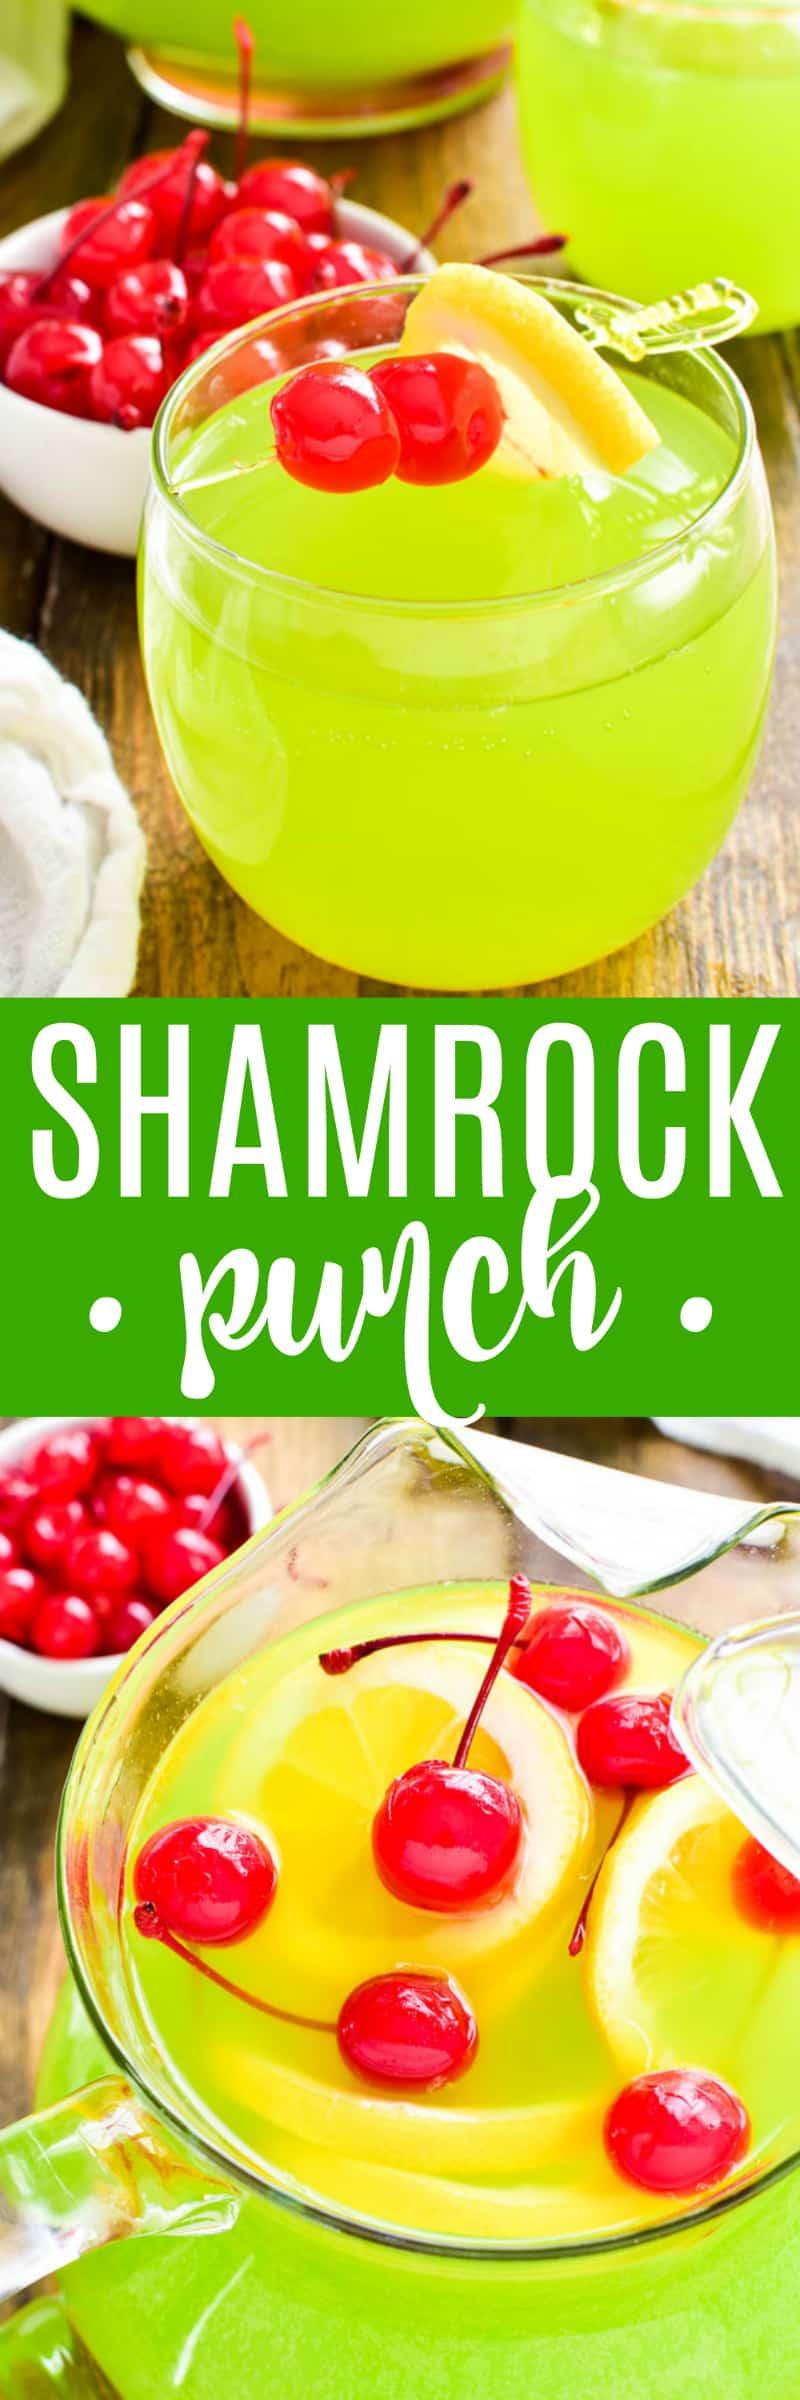 Collage image of Shamrock Punch